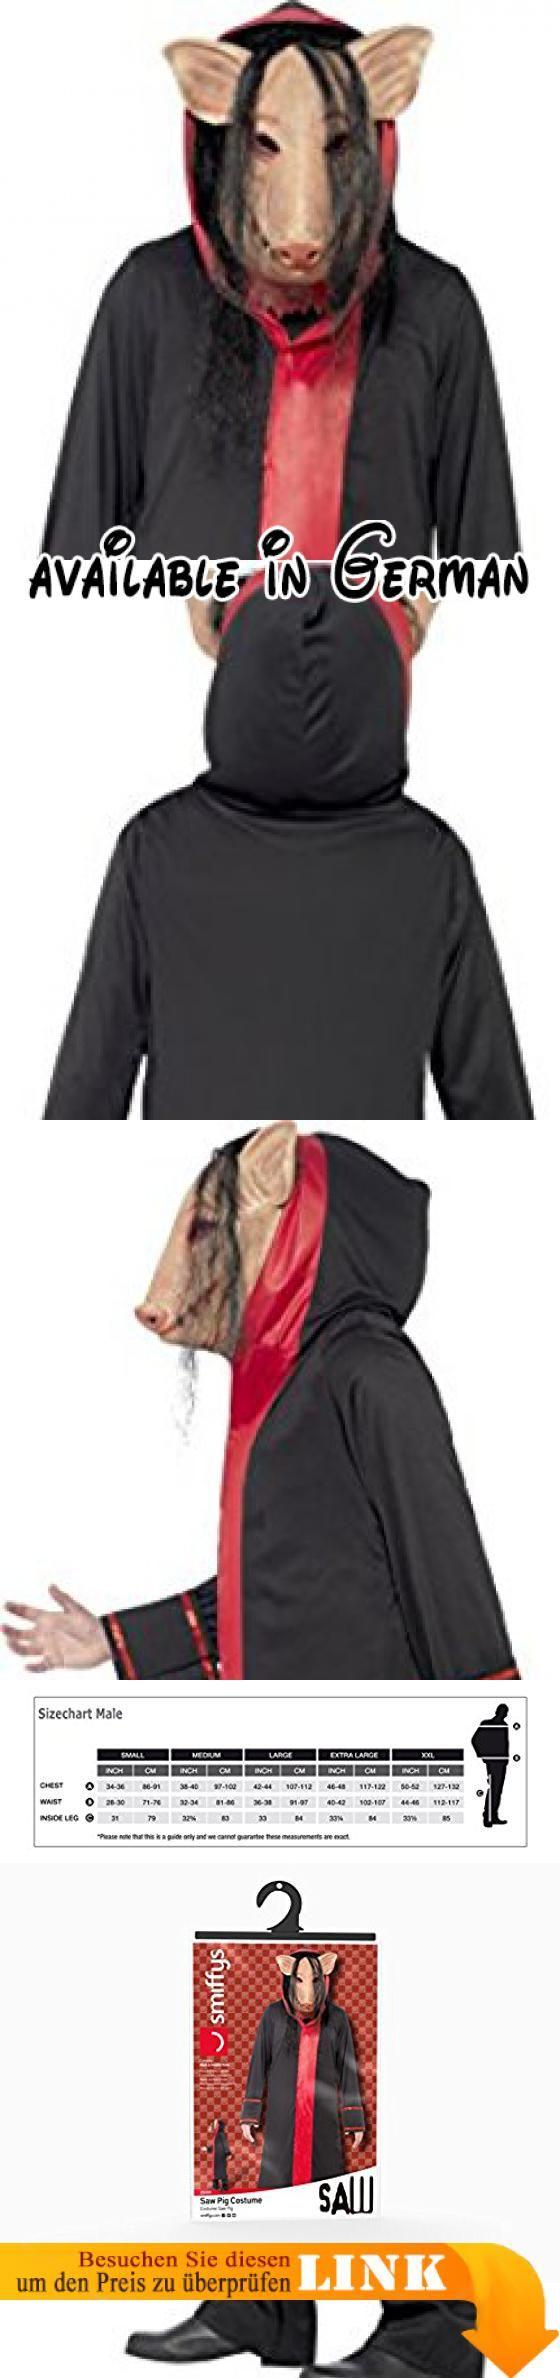 B000WNHAA8 : Smiffys Herren Saw Schweine Kostüm Maske und Kapuzenmantel Größe: M 20494. Saw Schweine Kostüm Kostüm für Herren Inklusive: Maske und Kapuzenmantel Ideal für Innen- und Außenveranstaltungen Perfekt für Karneval Halloween oder Themenpartys. Größe M: Brustumfang (97-102 cm) Taille (81-86 cm) Innenbein (83 cm) Tragen über Kleidung möglich Leichtes Material für angenehmes Tragegefühl. Einfaches An- und Ausziehen dank Klettverschluss. Für